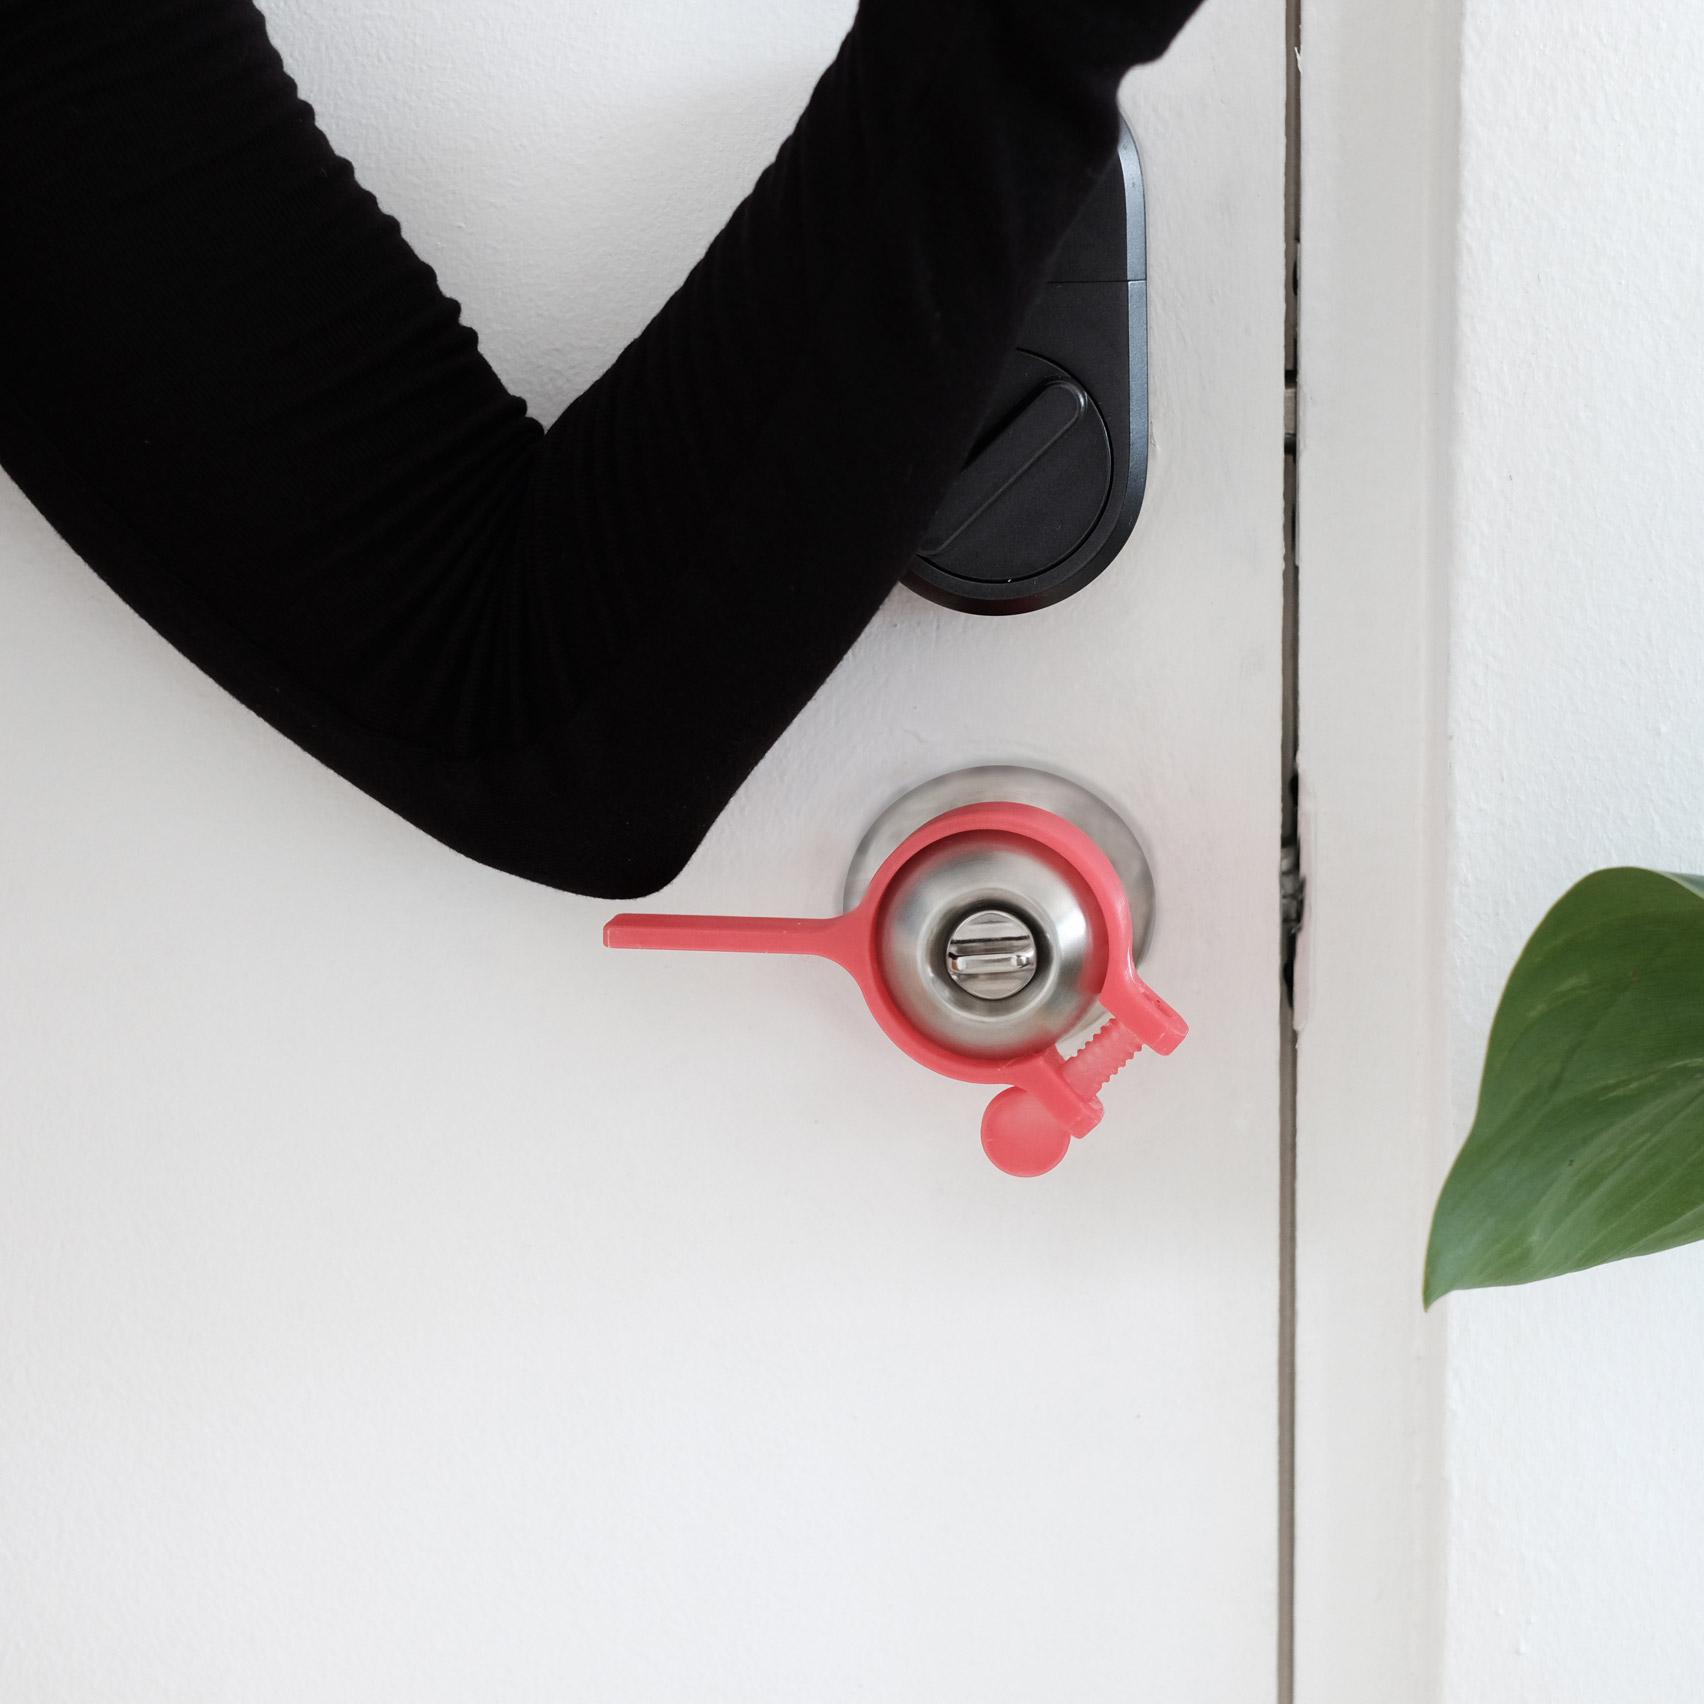 Hands Free Sanitary Door Opener Attachment